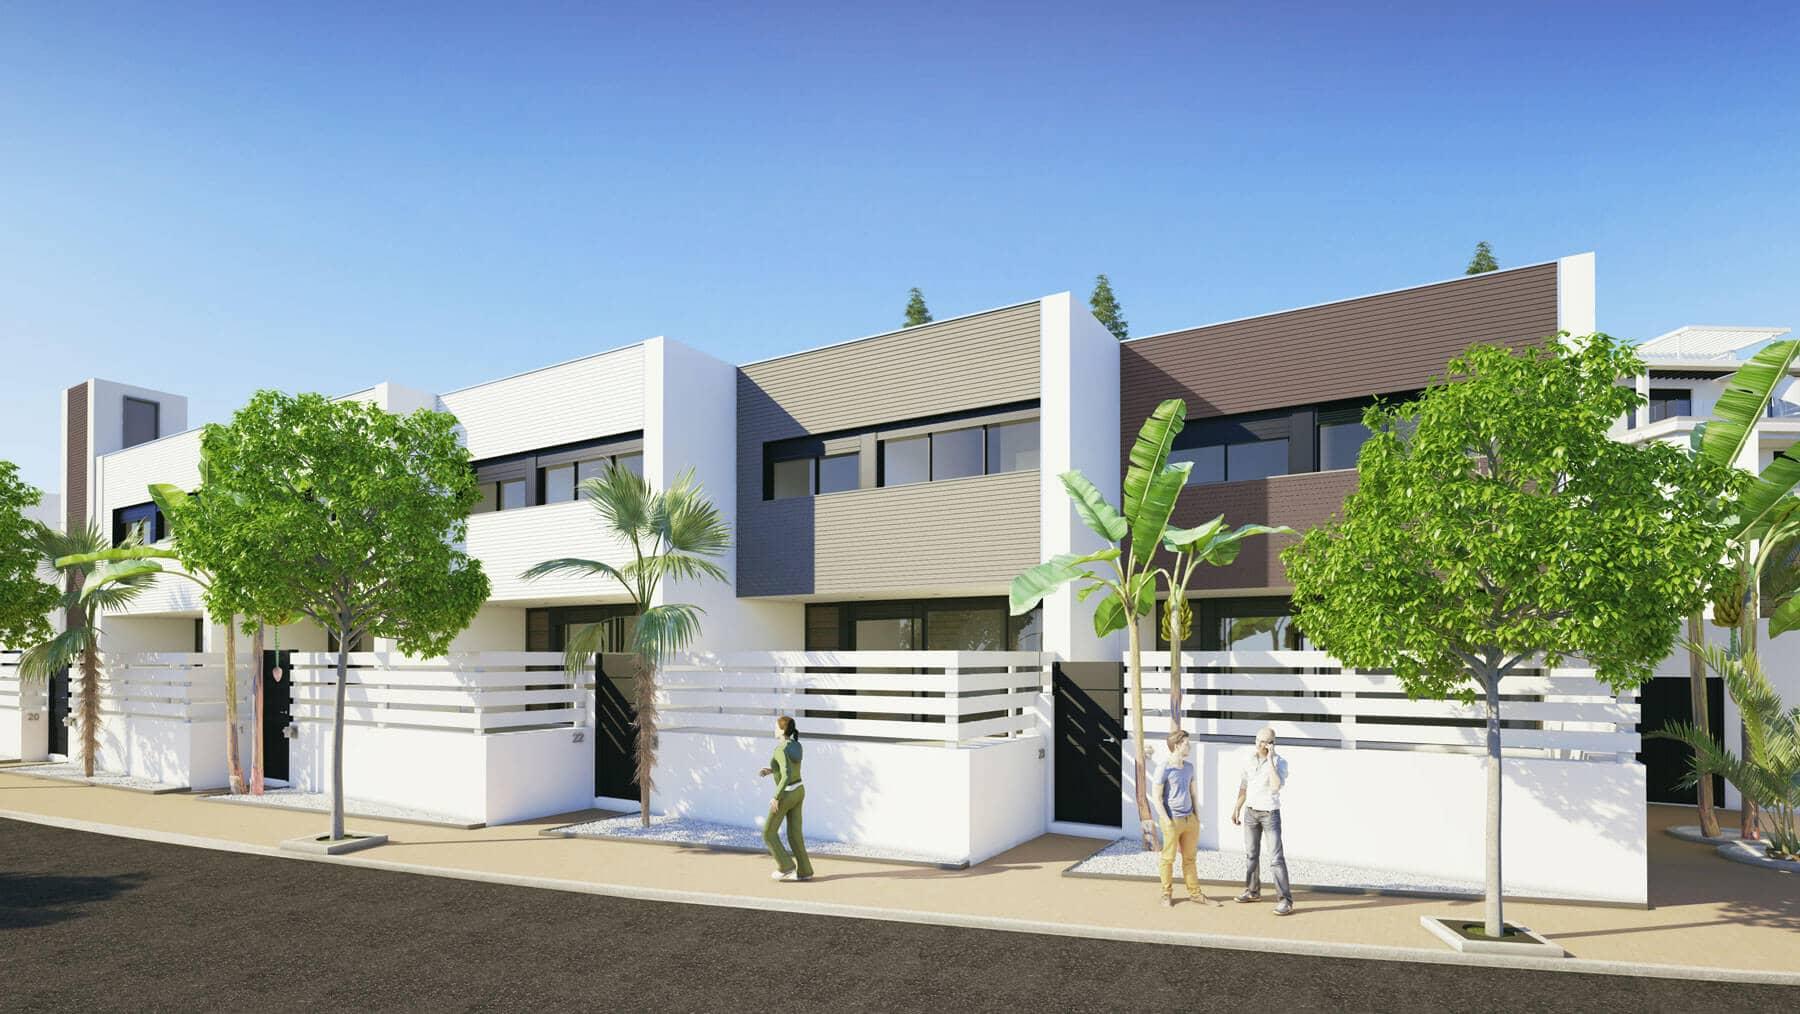 Le mirage: moderne huizen op wandelafstand van faciliteiten cancelada